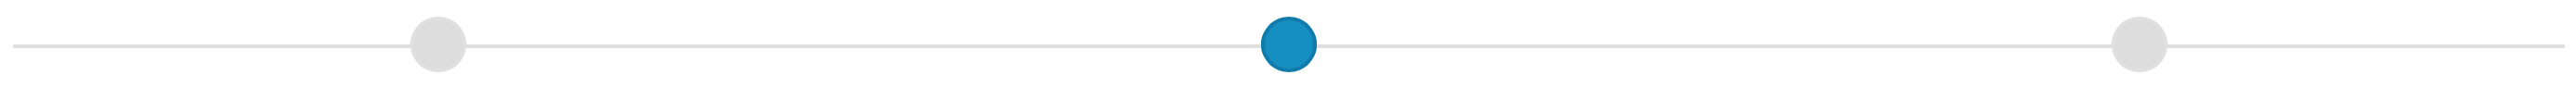 Rootline - Hide Page Numbers